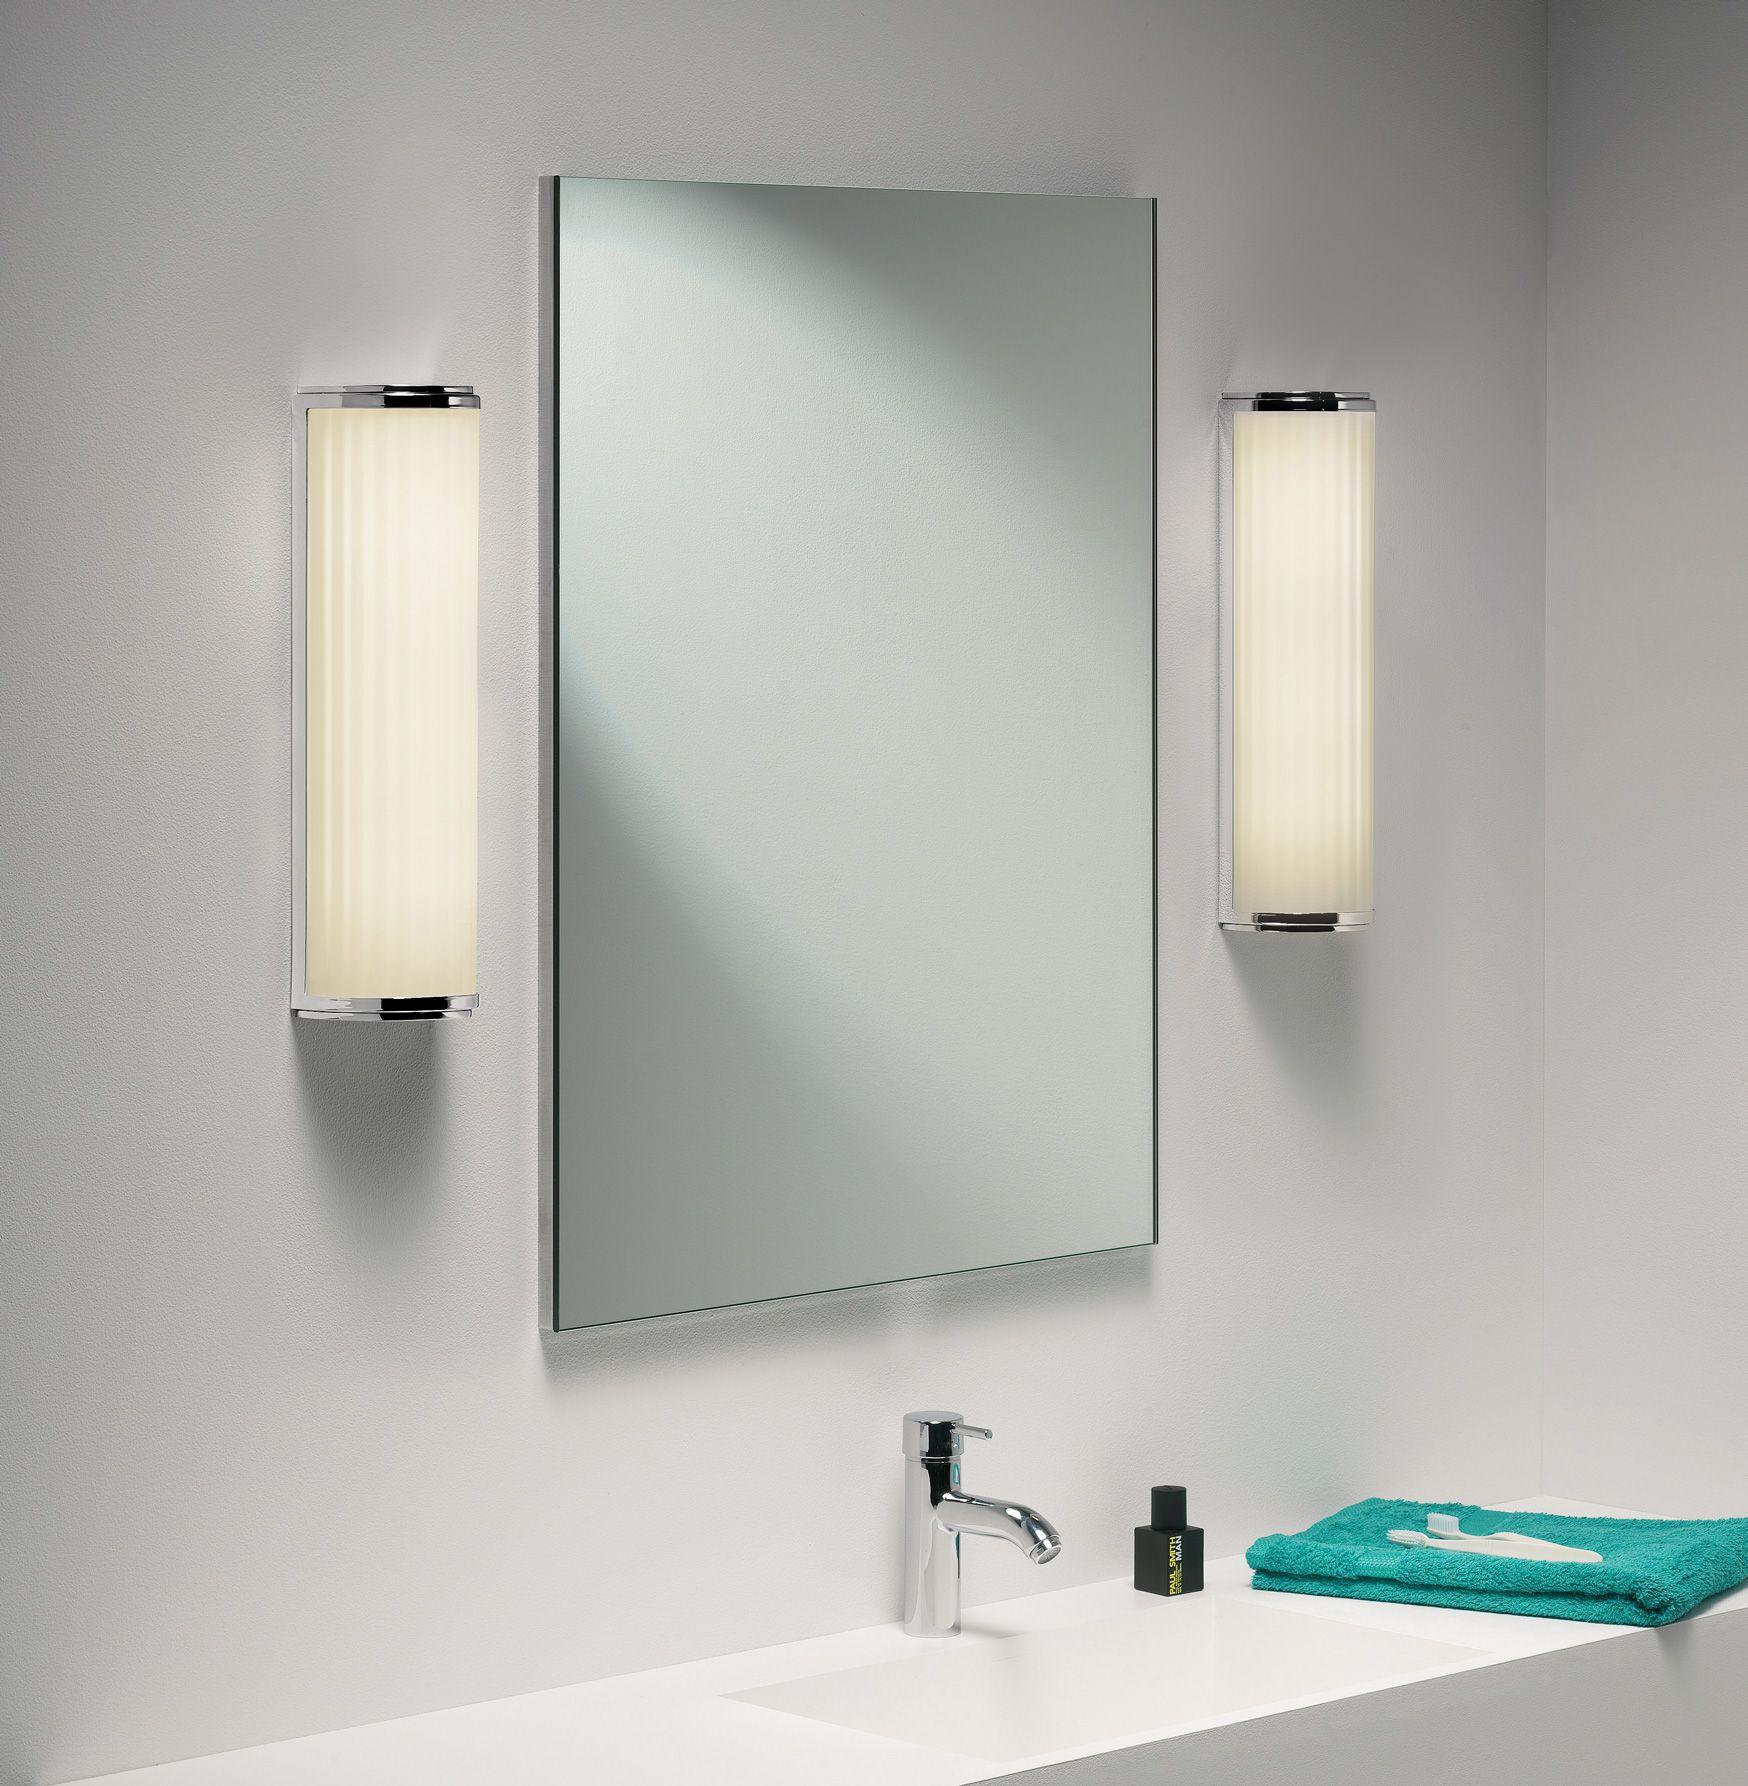 Monza Plus Bathroom Polished Chrome Wall Light Polished